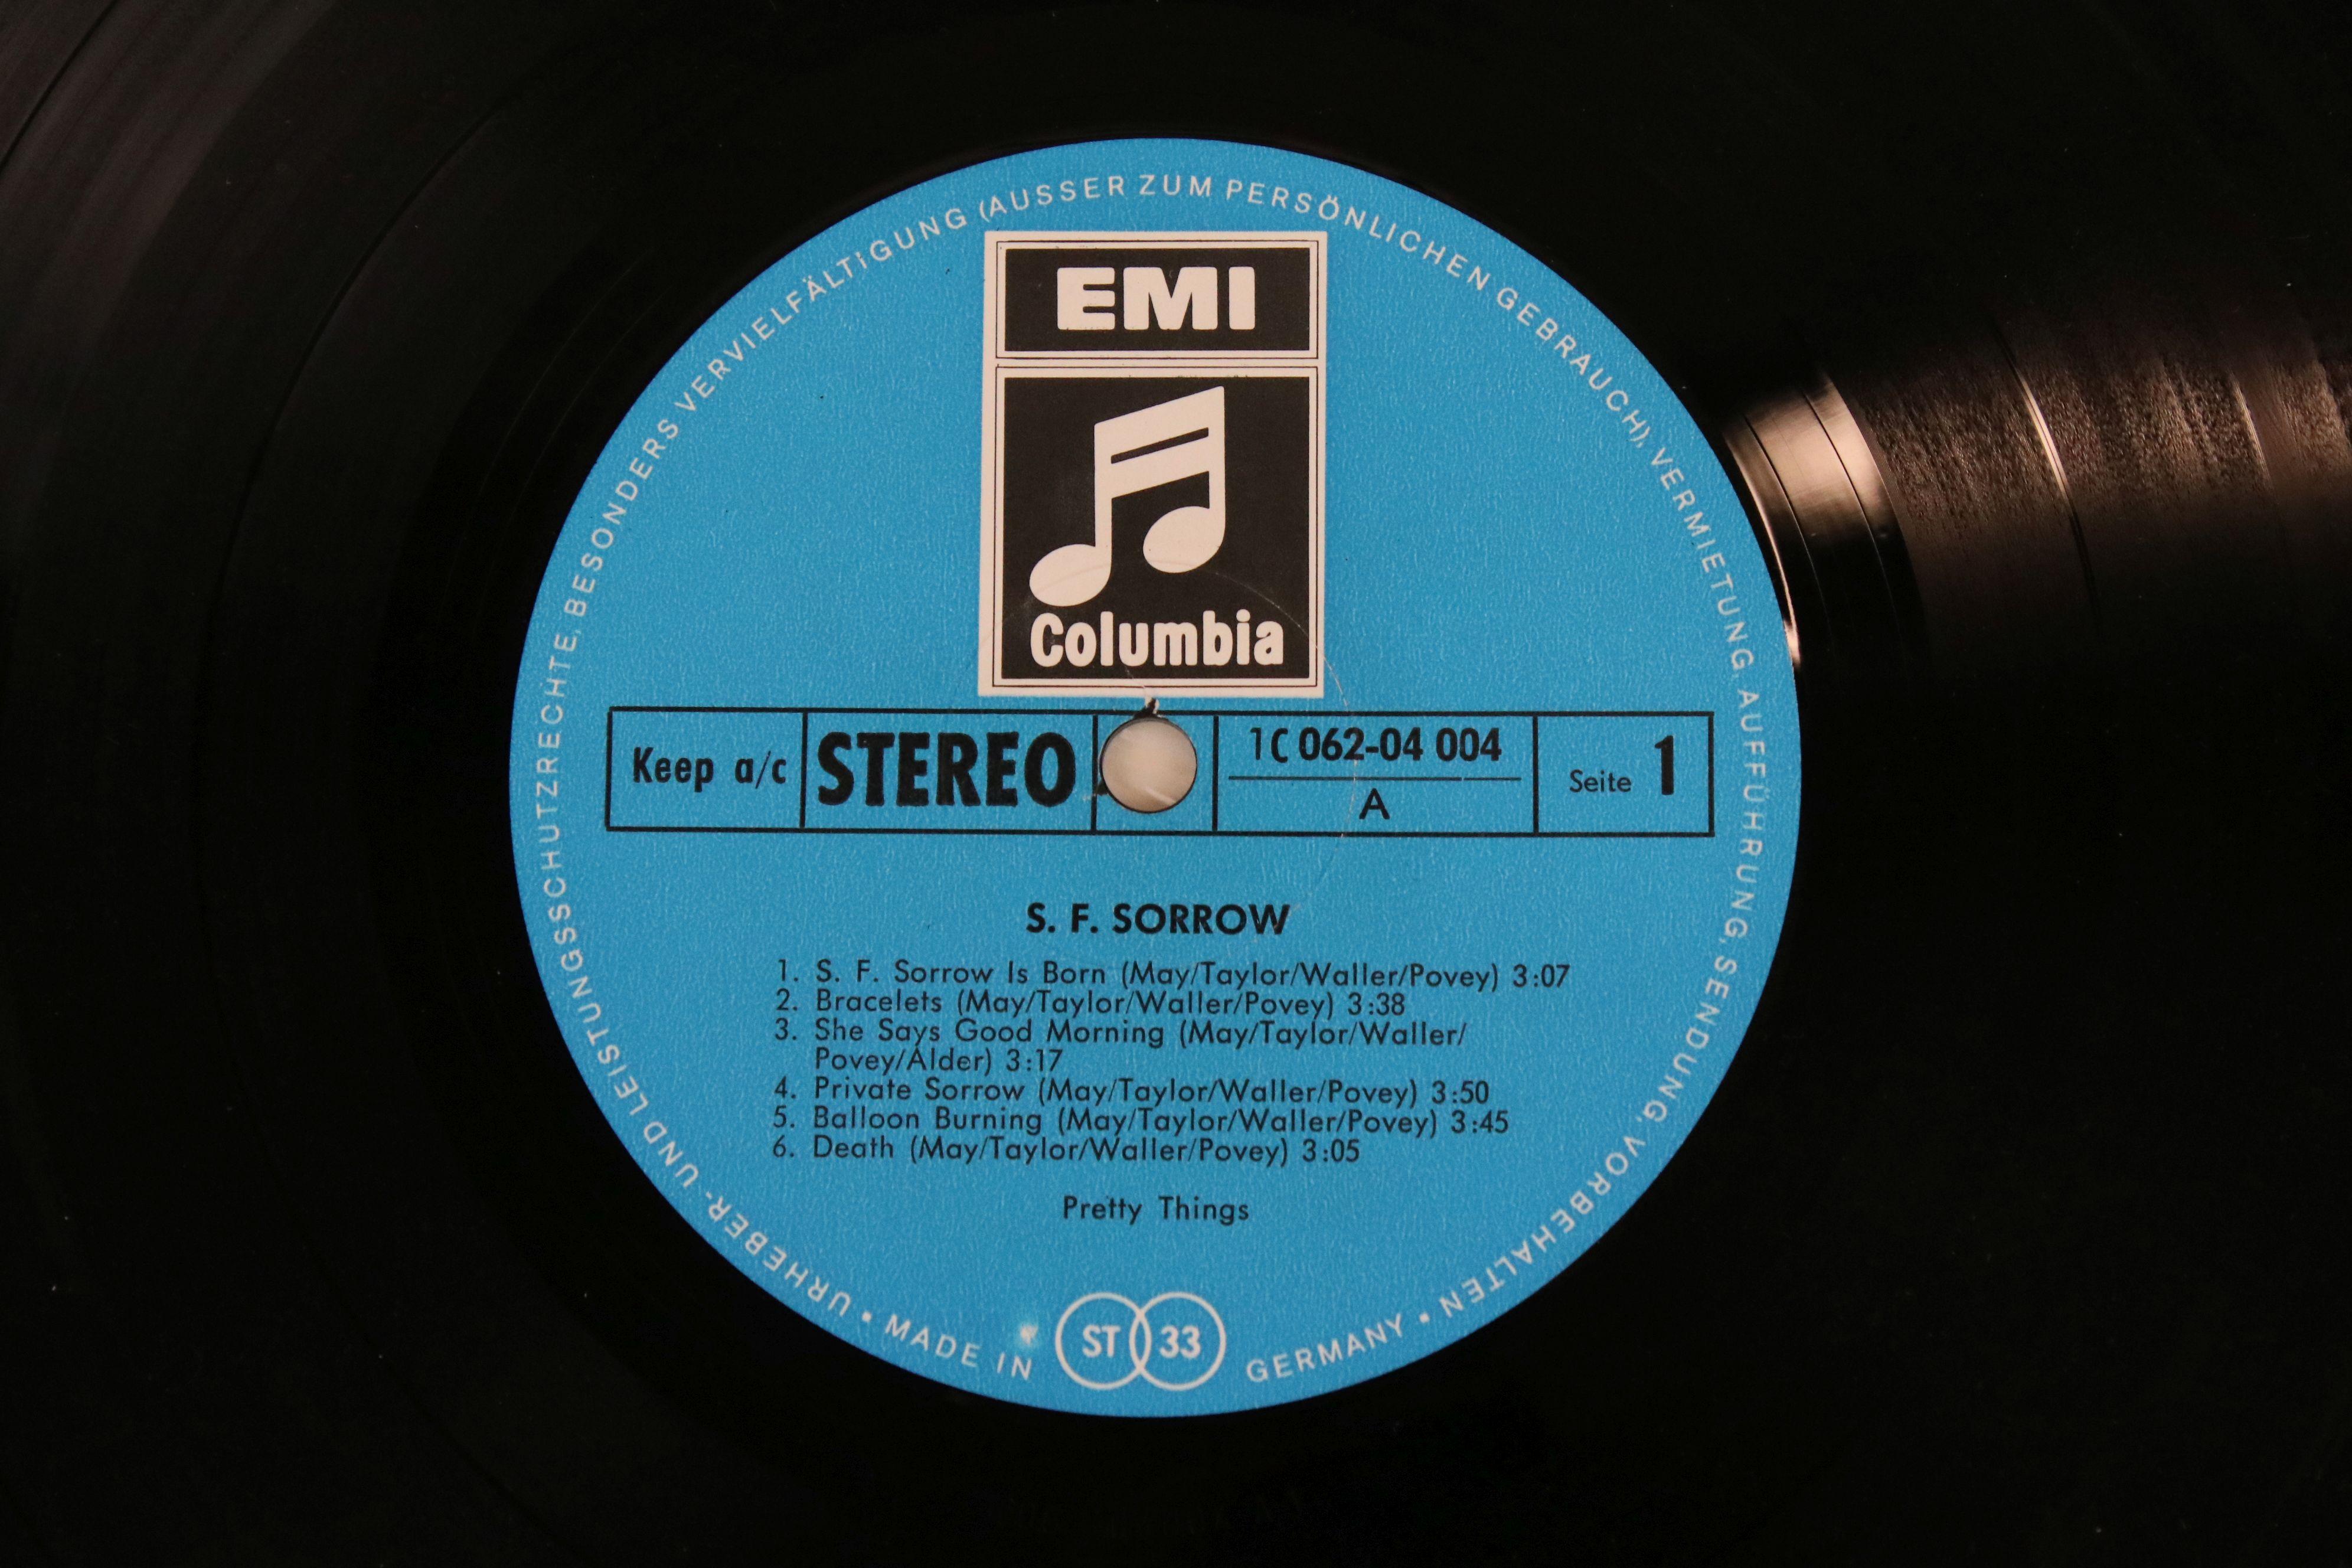 Vinyl - Pretty Things SF Sorrow LP on Columbia IC06204004 German pressing, gatefold sleeve, sleeve - Image 2 of 5